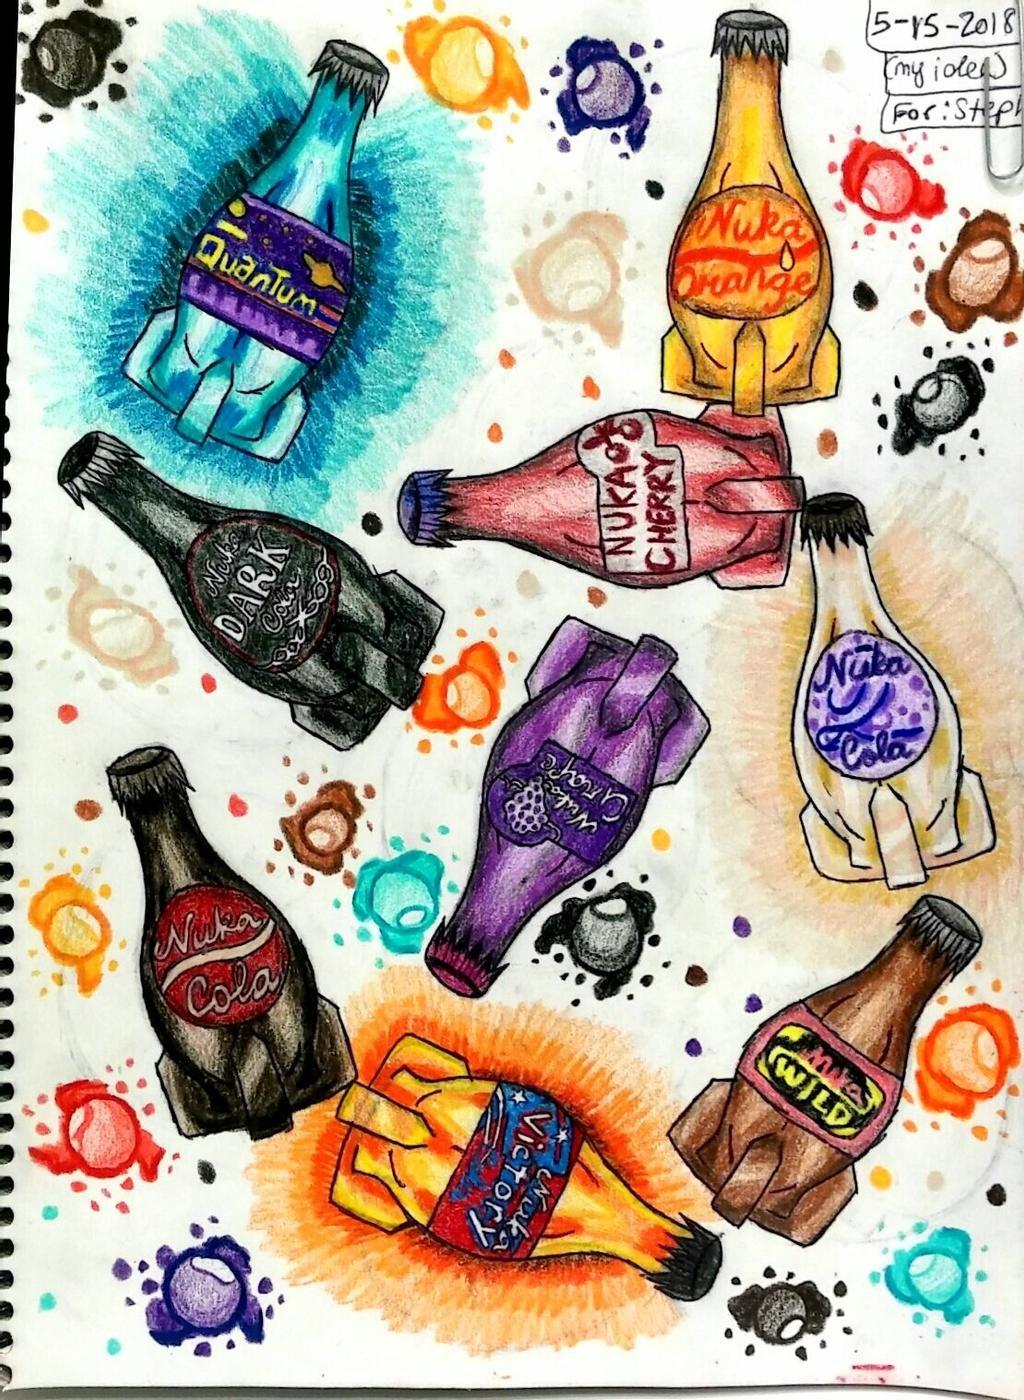 Nuka-Colas by SugarPop